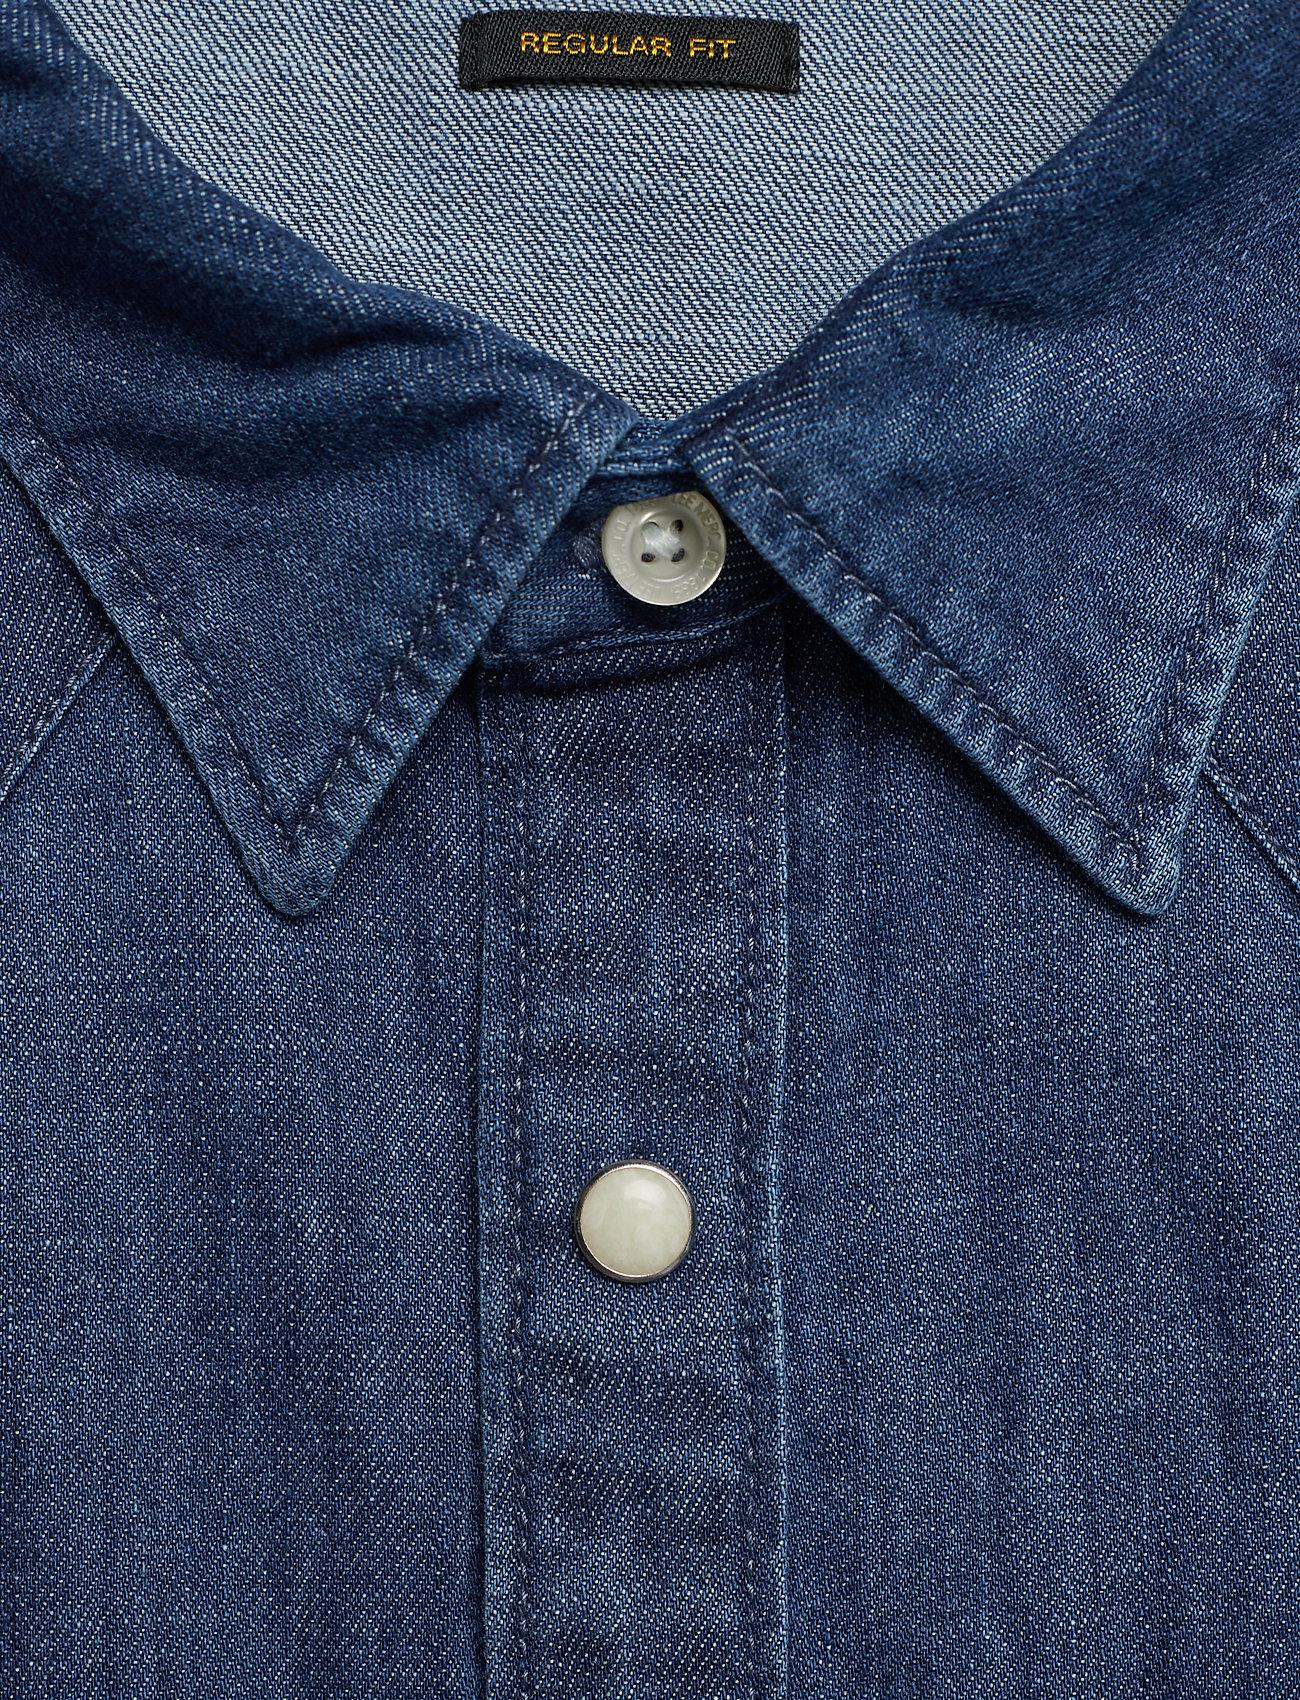 Lee Jeans LEE RIDER SHIRT - Skjorter DIPPED BLUE - Menn Klær